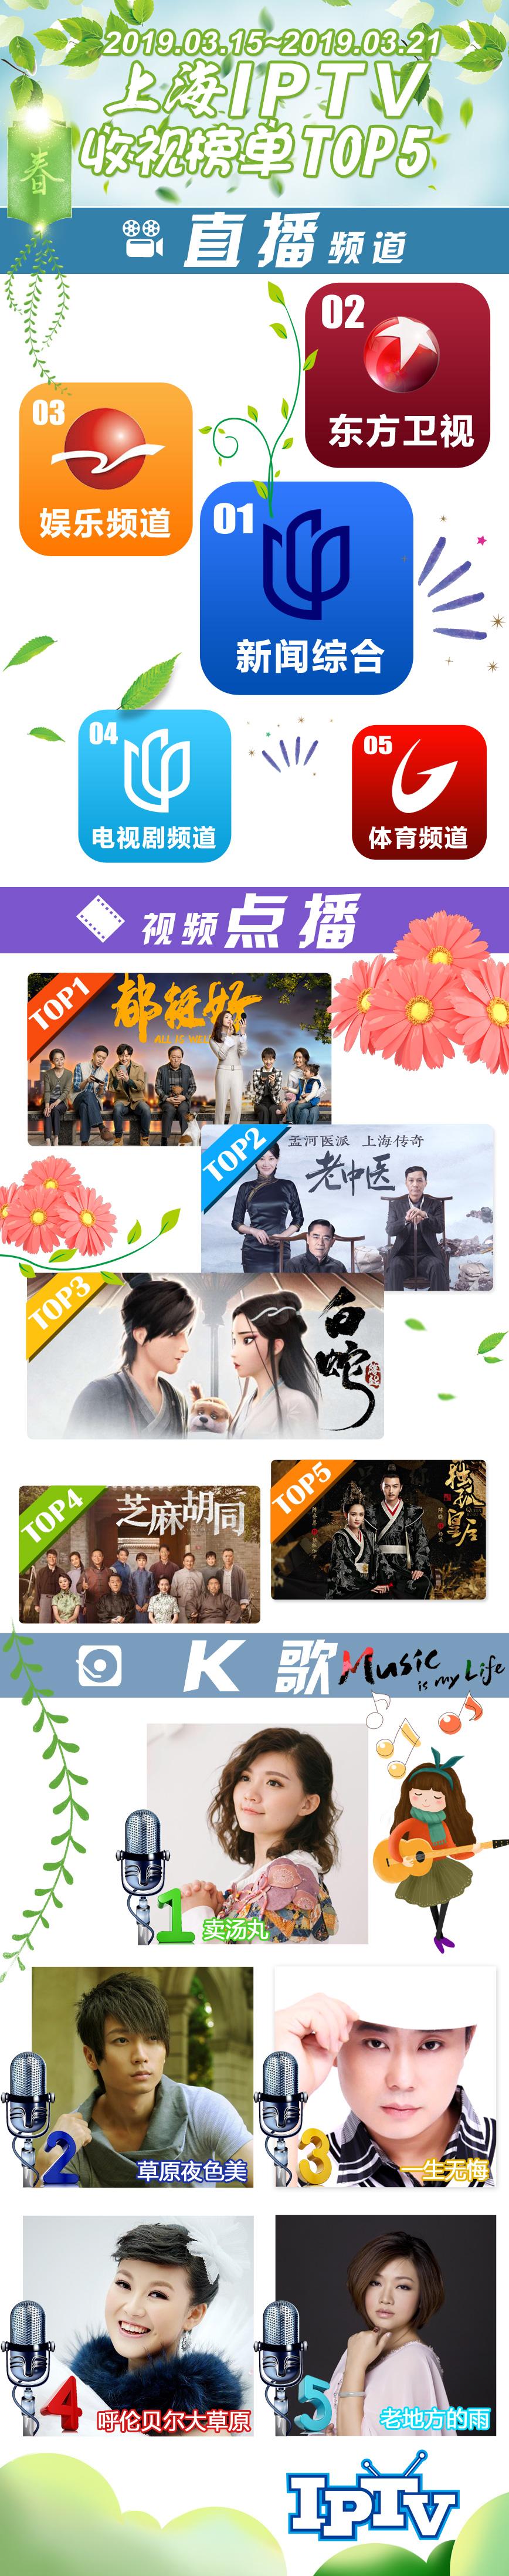 2019微博-上海IPTV收视榜单TOP-190322.jpg